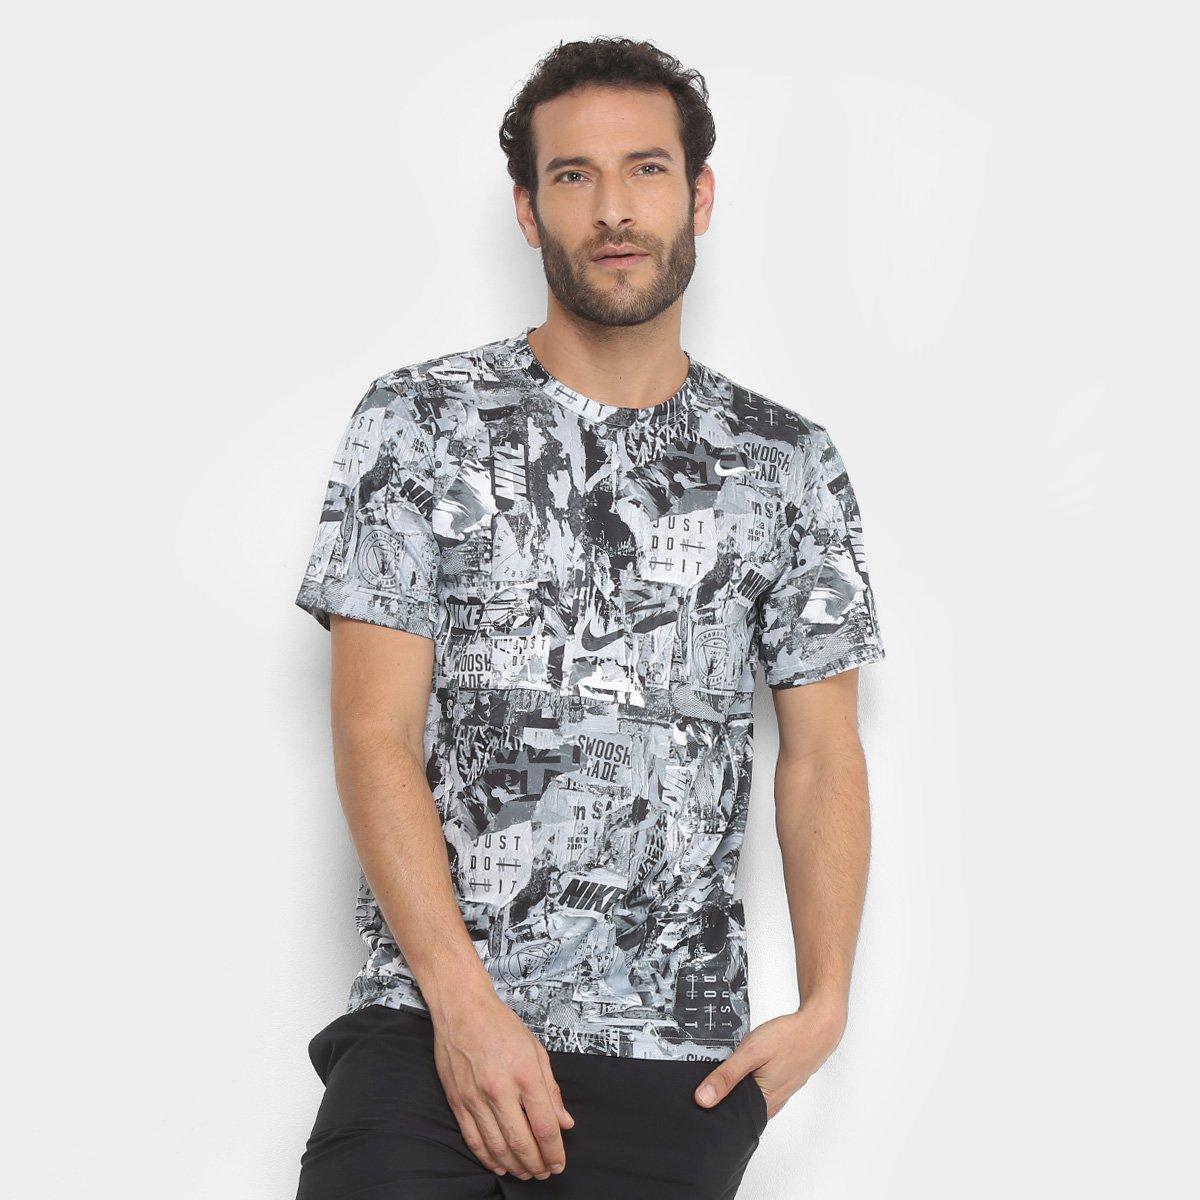 4b3479d0d438e Camiseta Nike Dry Masculina - Branco e Preto - Compre Agora